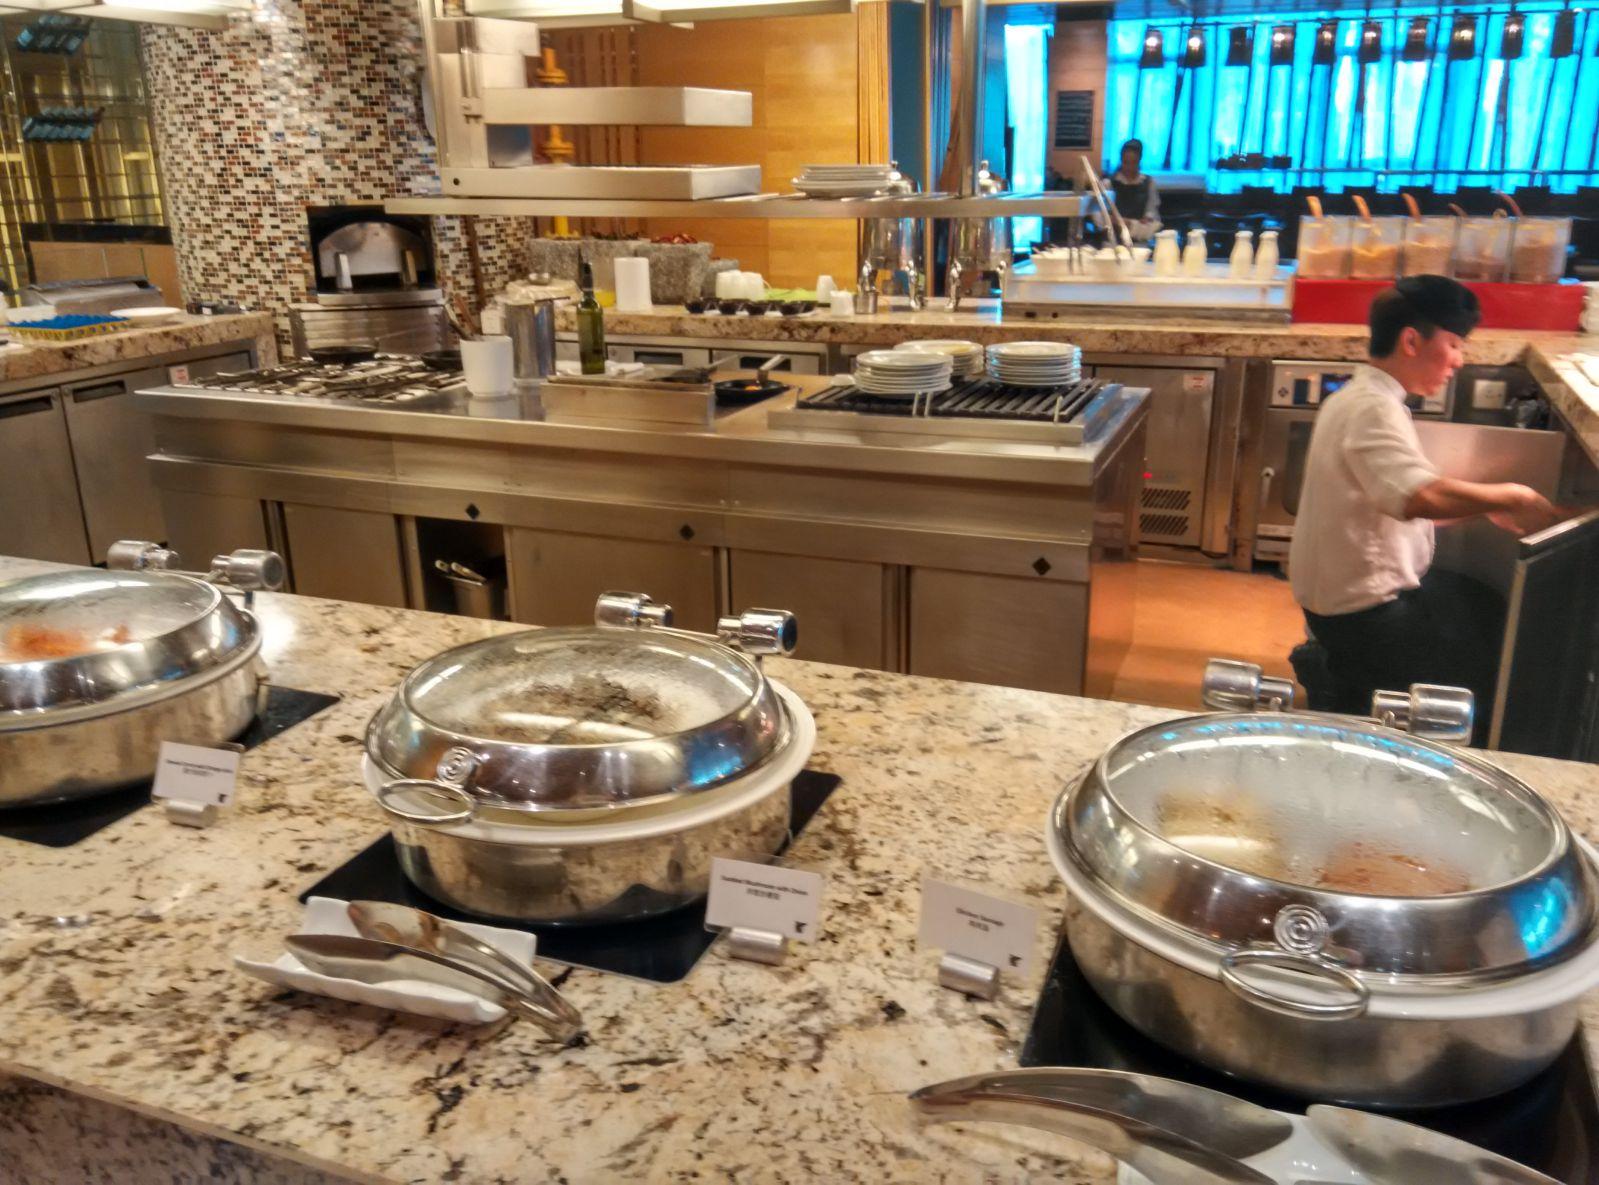 shenzhen-jw-marriott-breakfast-4